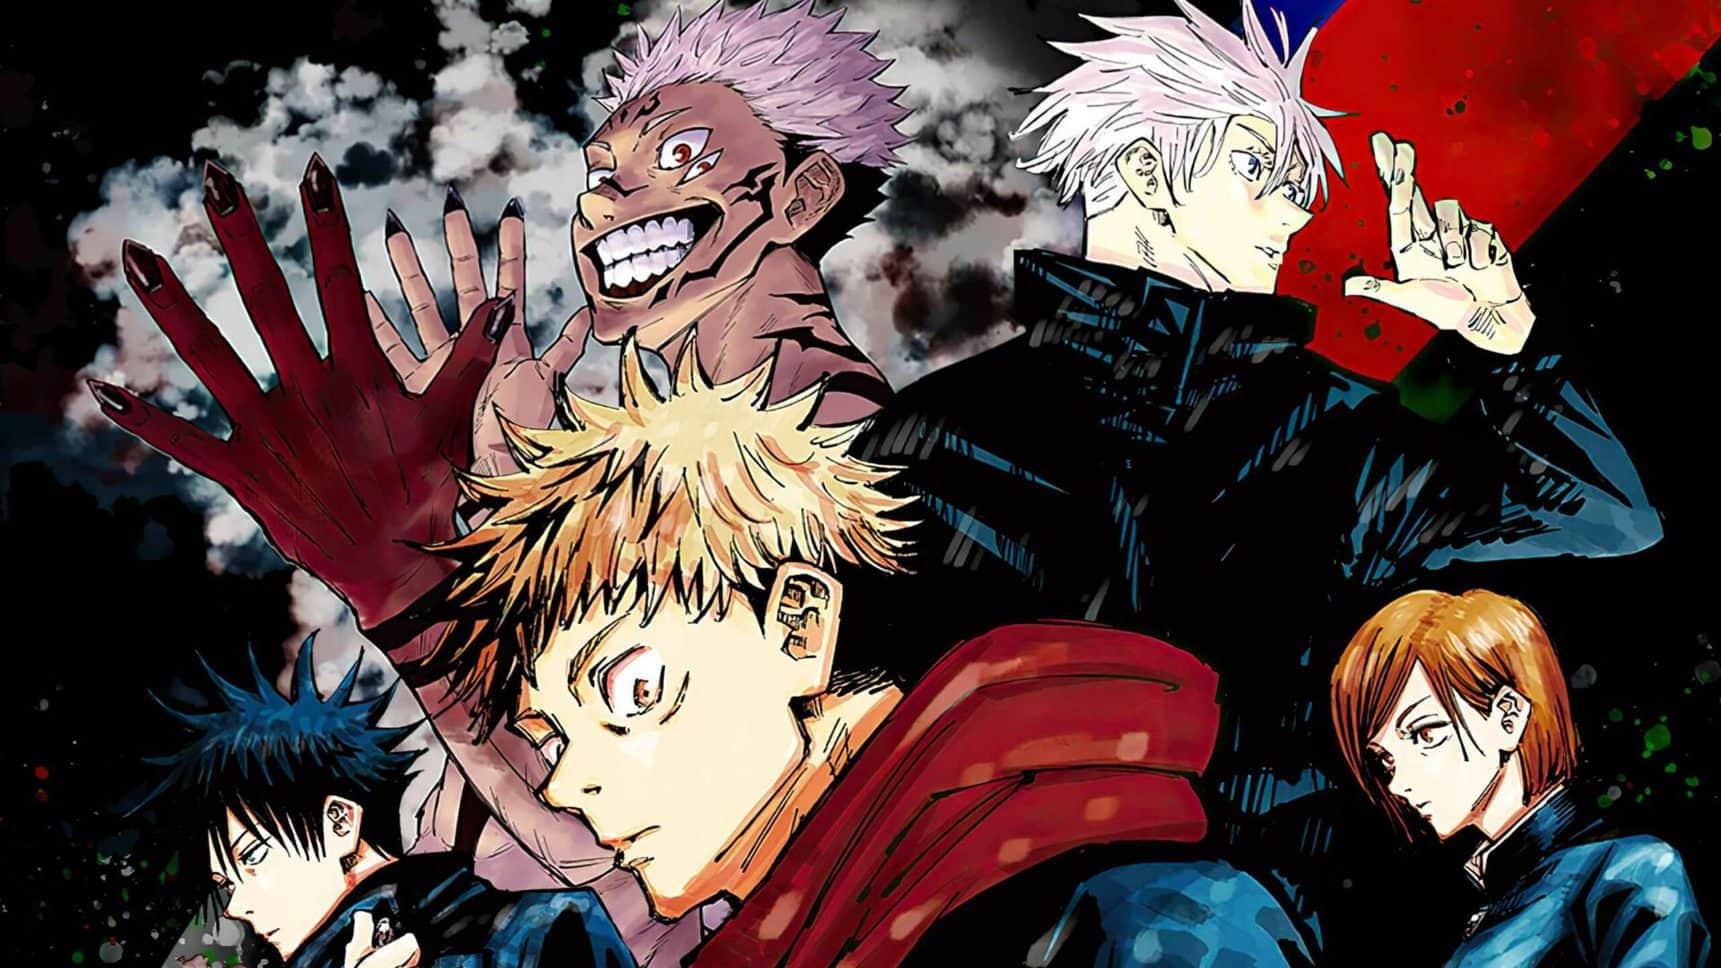 Jujutsu Kaisen Manga Breaks The 12 Million Mark